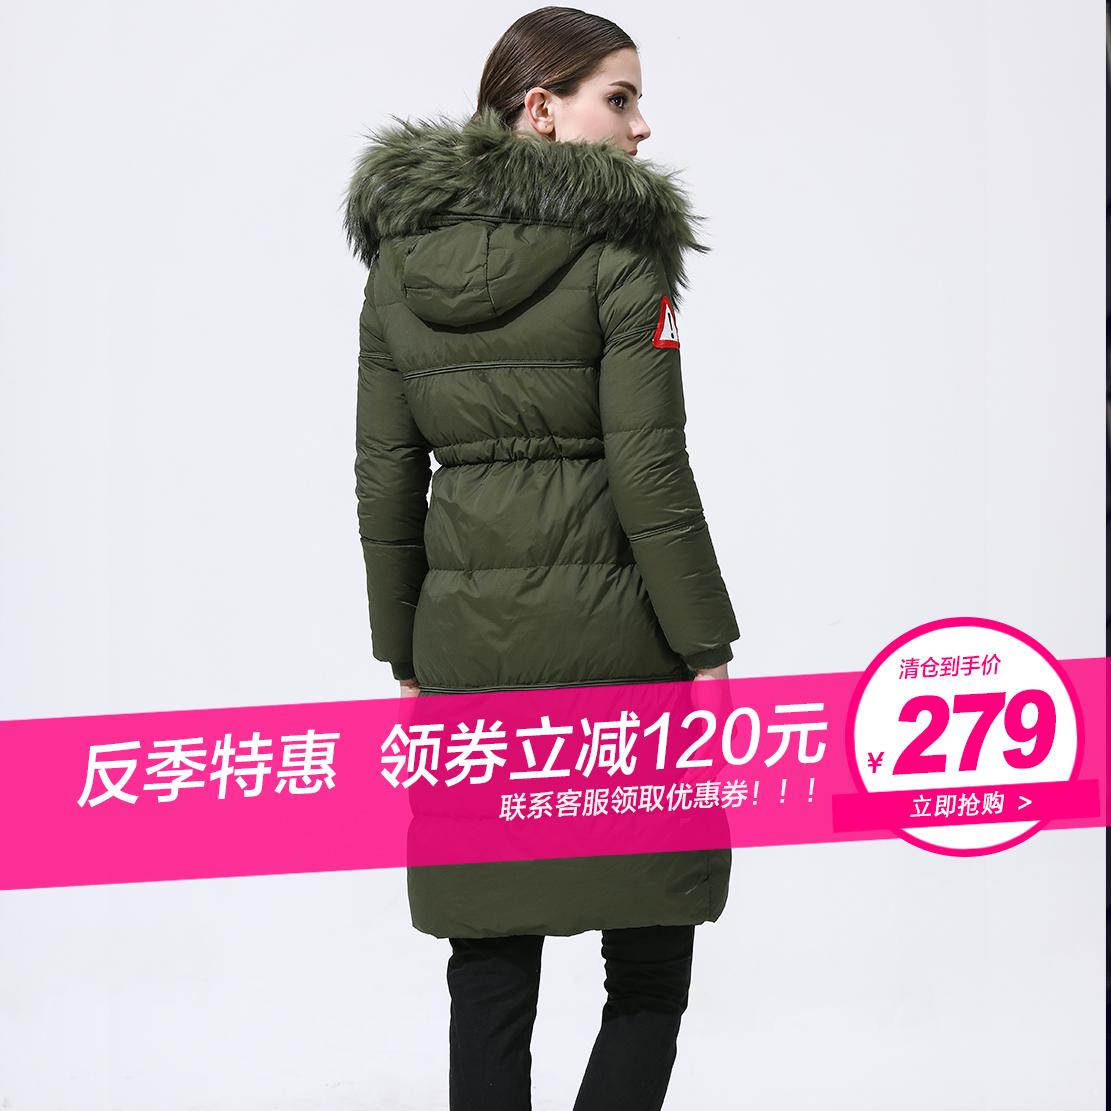 坦博尔羽绒服女中长款宽松韩版加厚大毛领反季清仓秋冬外套TD3660